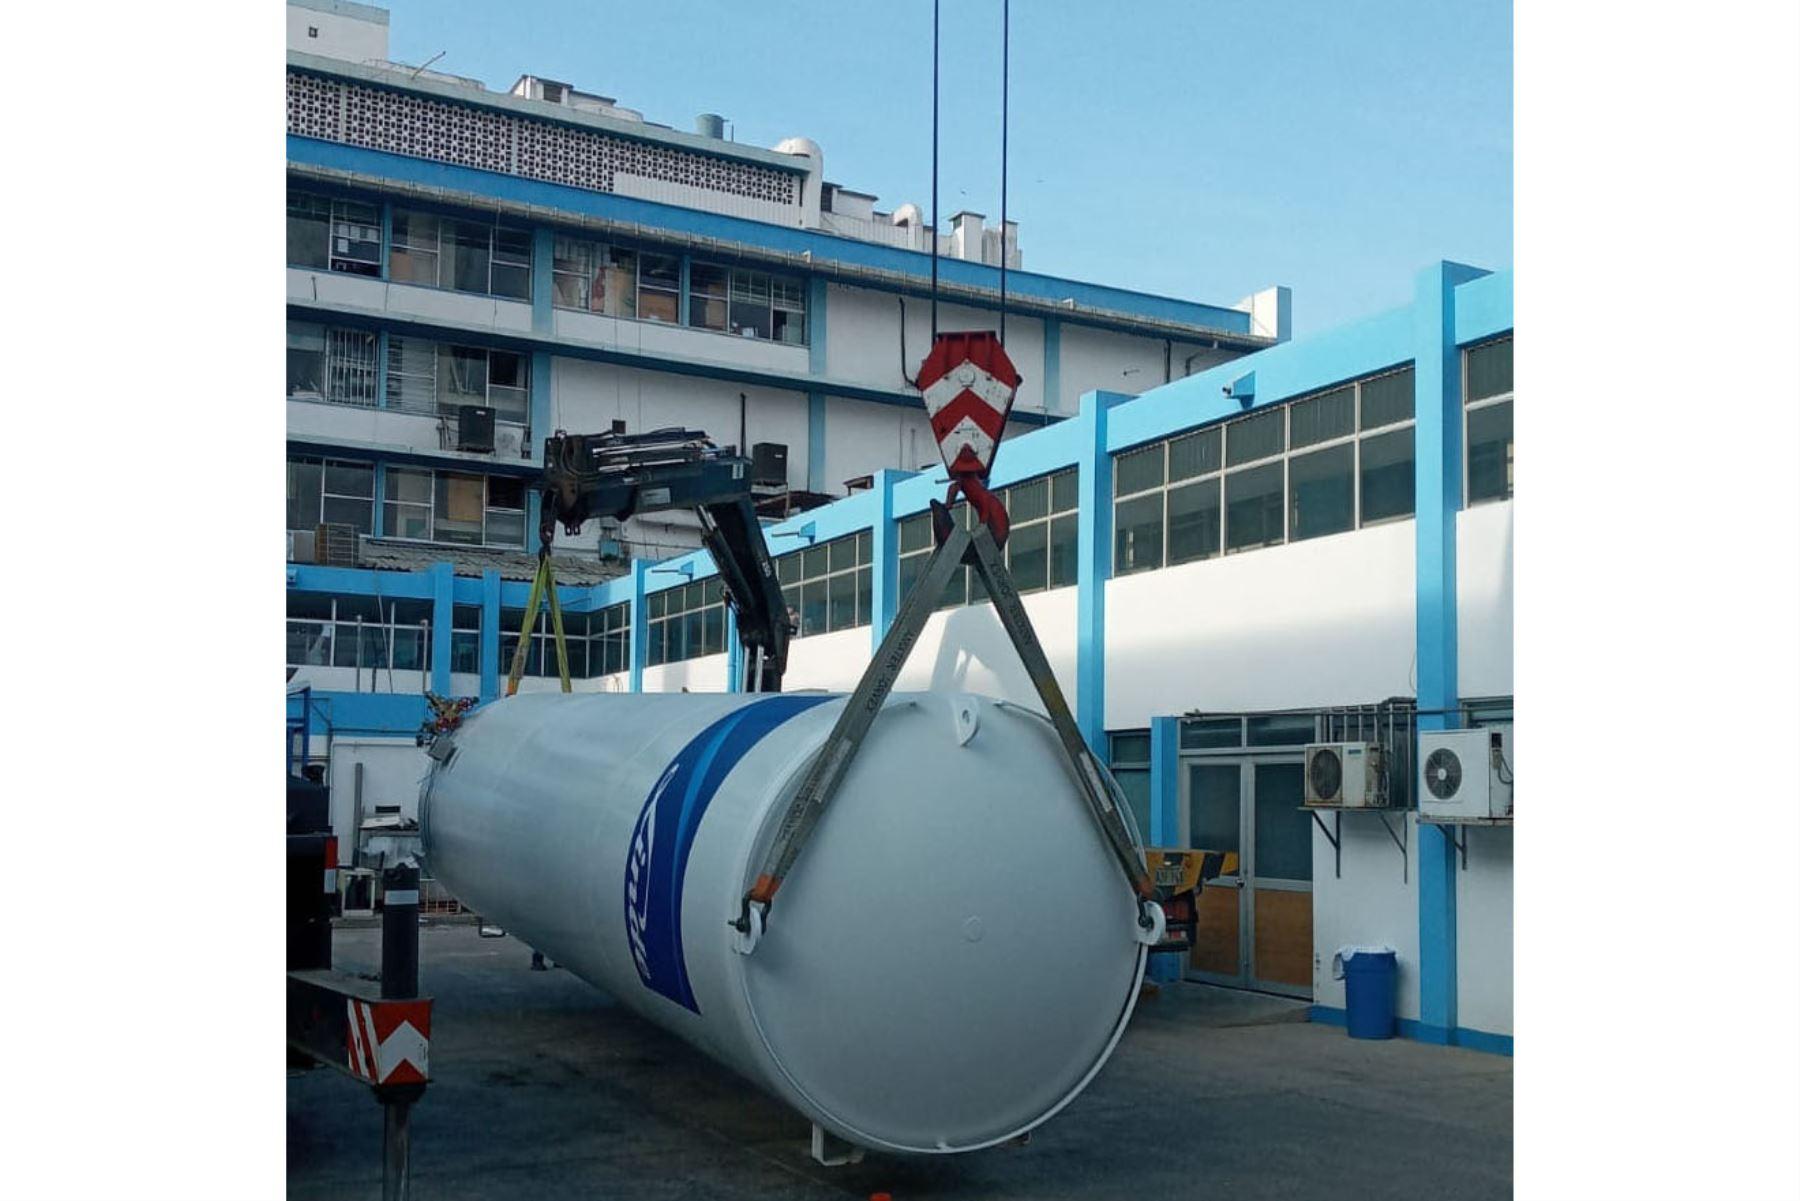 EsSalud instala isotanques de oxígeno en las regiones norteñas de Piura y Lambayeque para atención de pacientes covid-19. Foto: Essalud